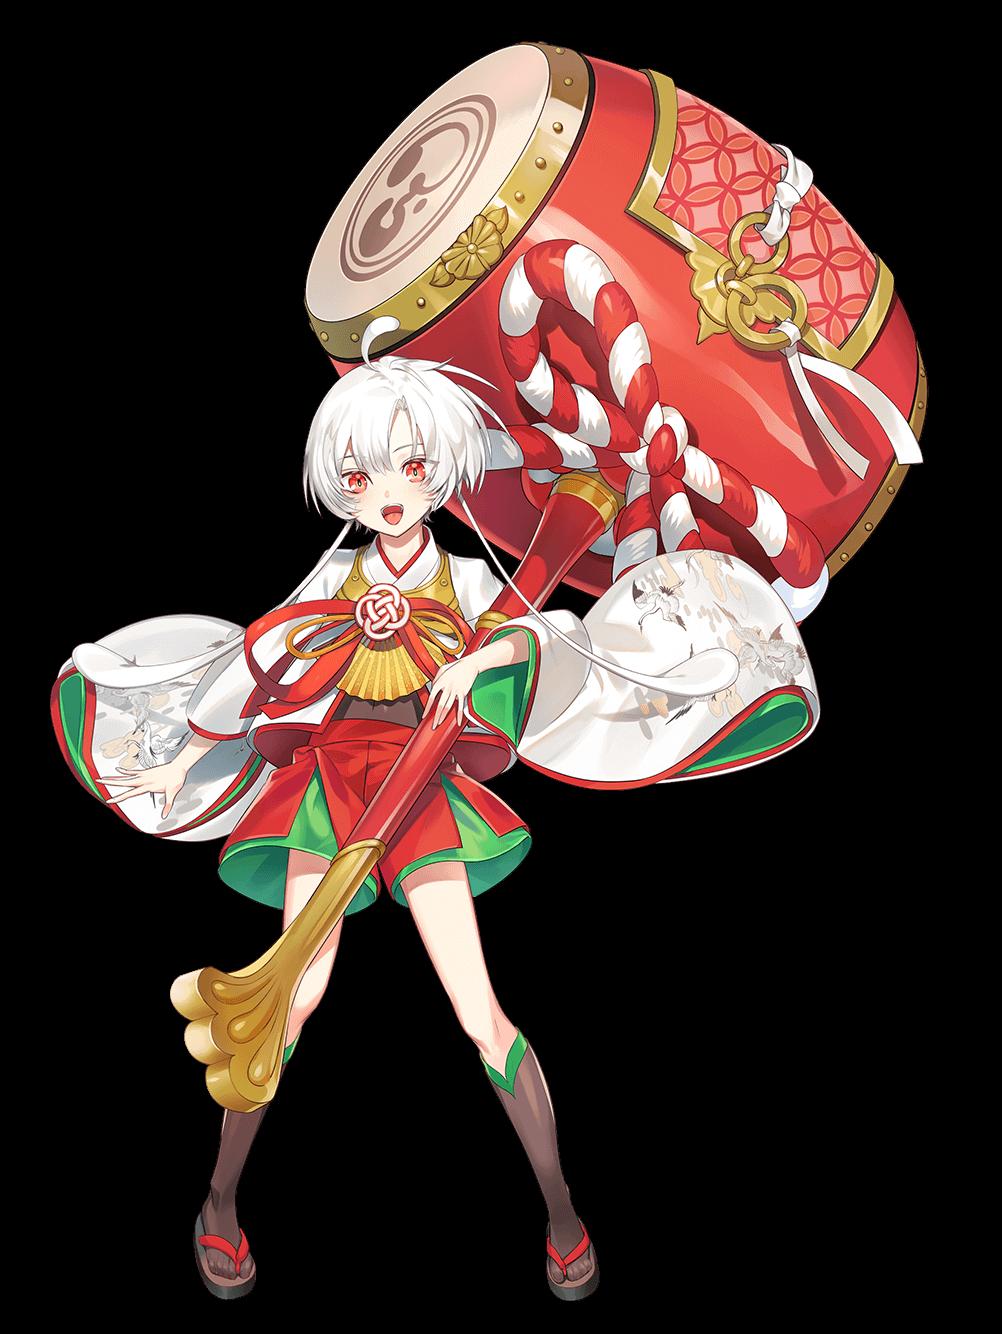 Kirimochi